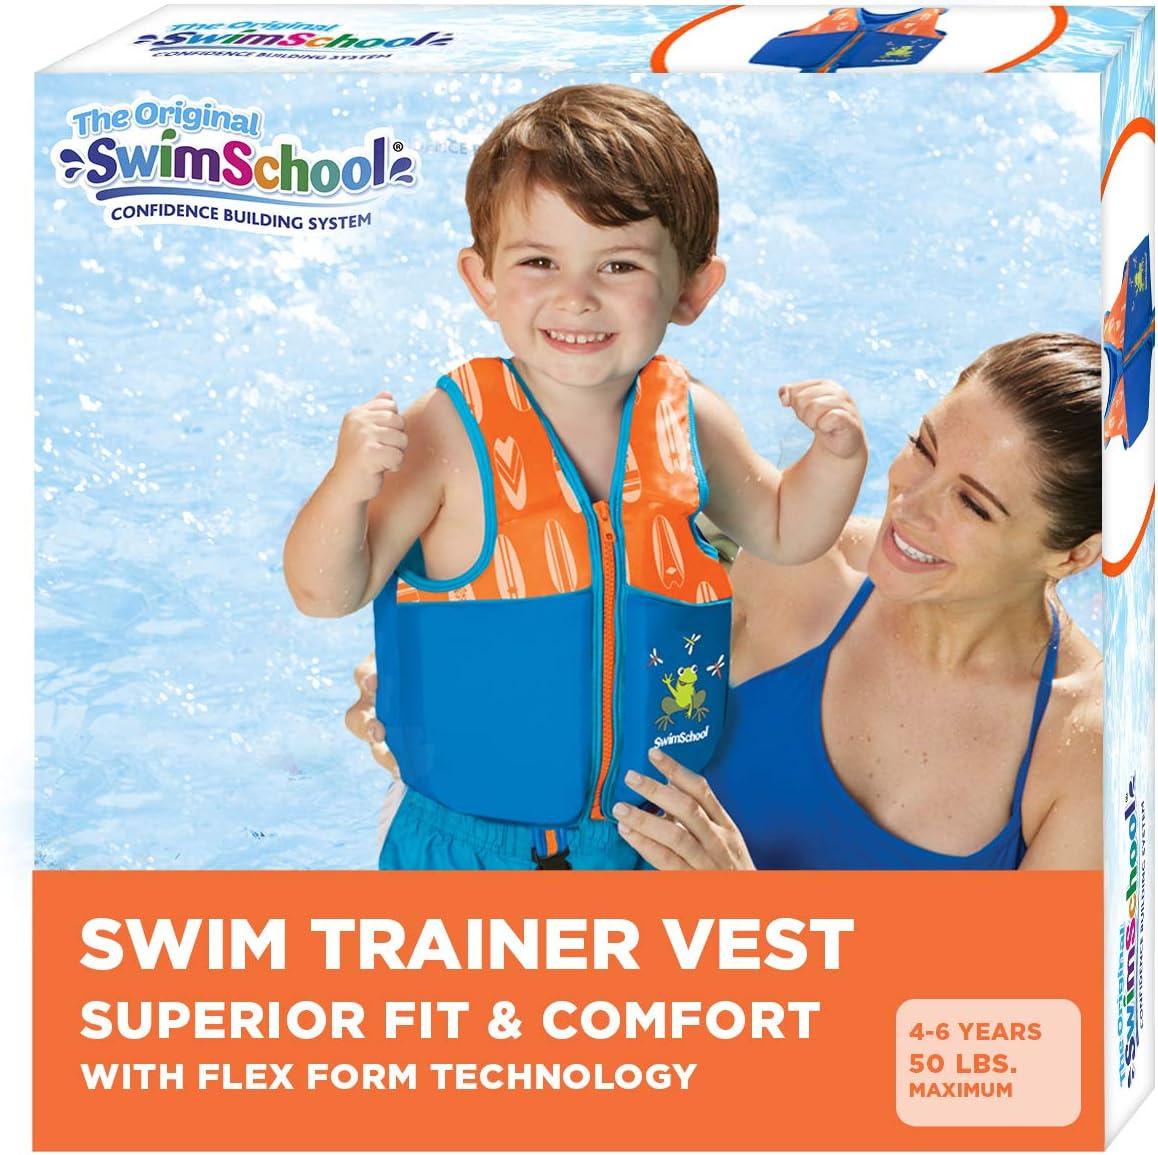 New Improved Swim Trainer Vest, Flex-Form Design, Padded Shoulders and Adjustable Safety Strap, Easy On & Off, Medium/Large, Up to 50 Lbs., Blue/Orange (AZV18863ML-Parent)